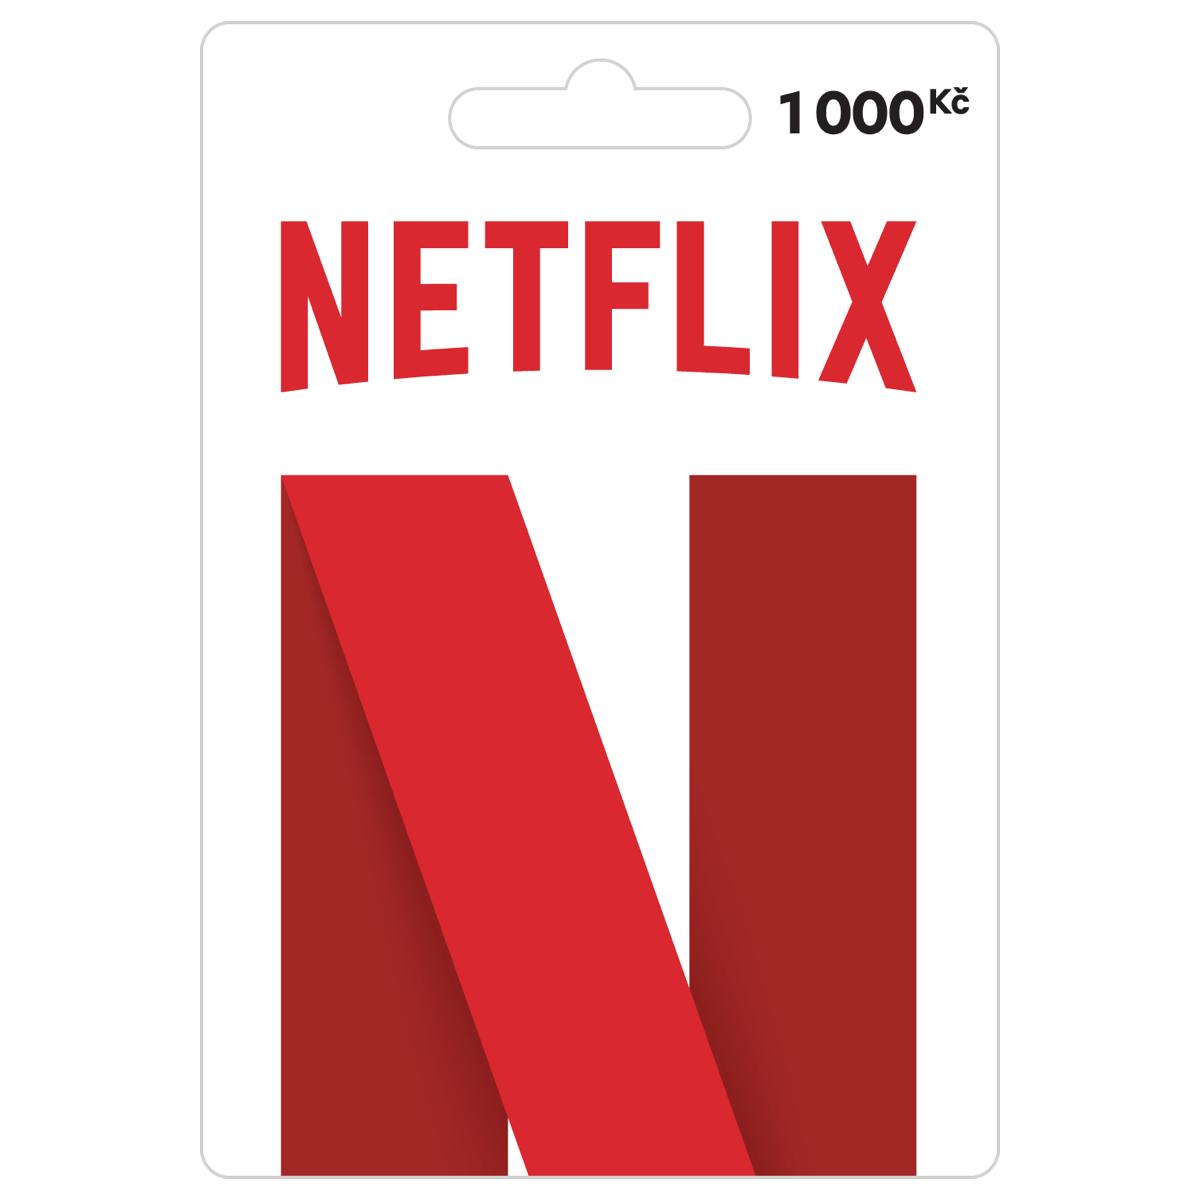 Takto vypadá předplacená karta Netflix